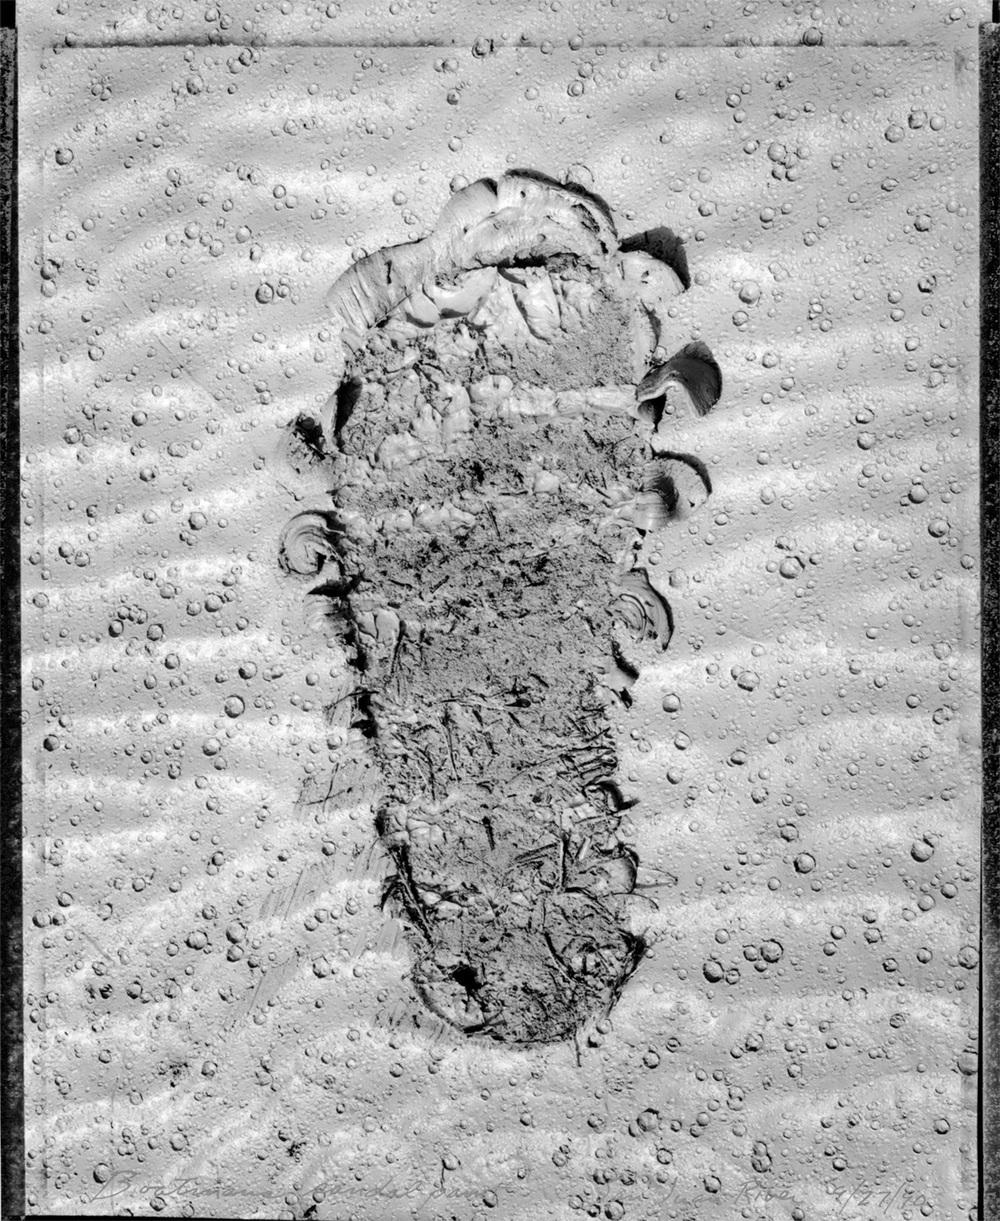 Boatman's sandal print, San Juan River, 1990